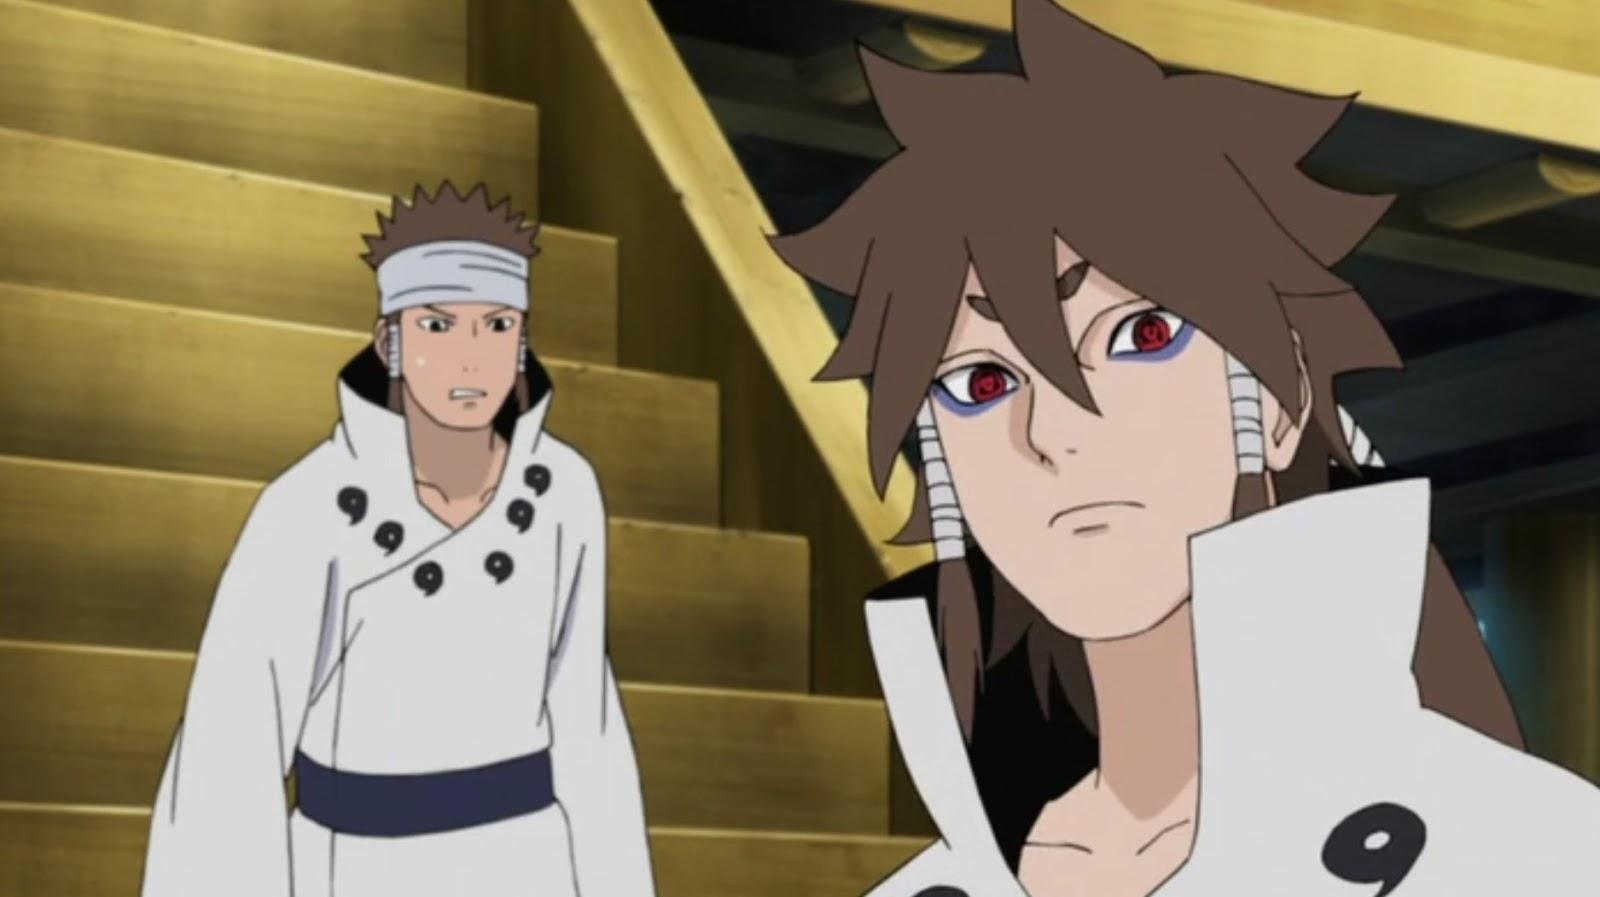 Naruto Shippuden Episódio 466, Assistir Naruto Shippuden Episódio 466, Assistir Naruto Shippuden Todos os Episódios Legendado, Naruto Shippuden episódio 466,HD